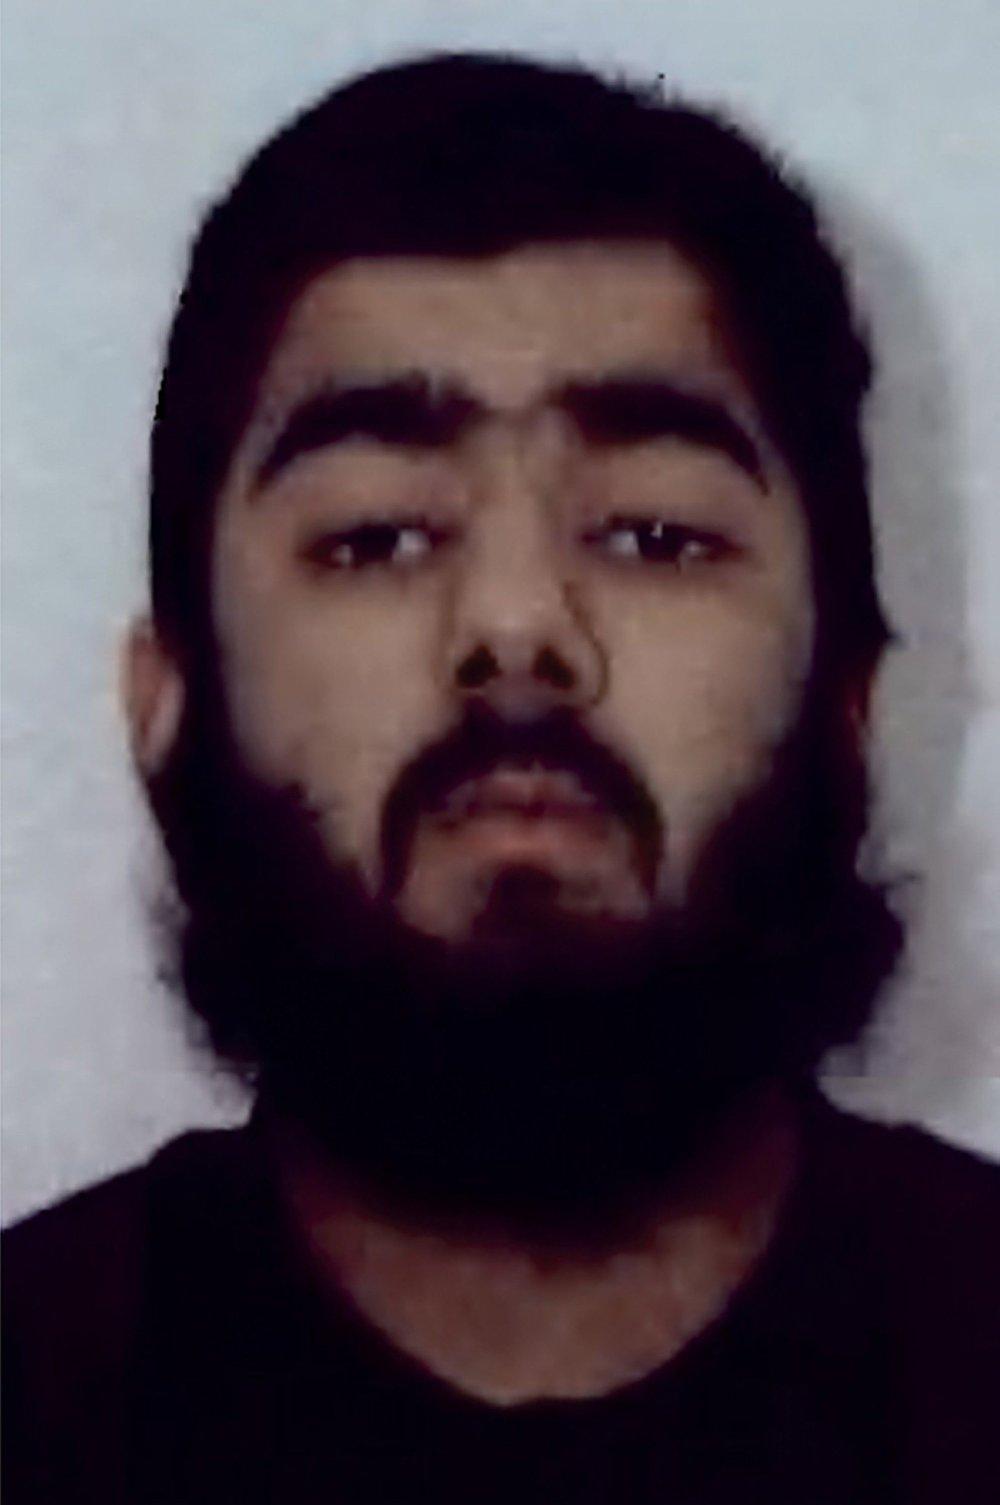 Klikk på bildet for å forstørre. 28 år gamle Usman Khan sto bak knivangrepet på London Bridge fredag, ifølge politiet.